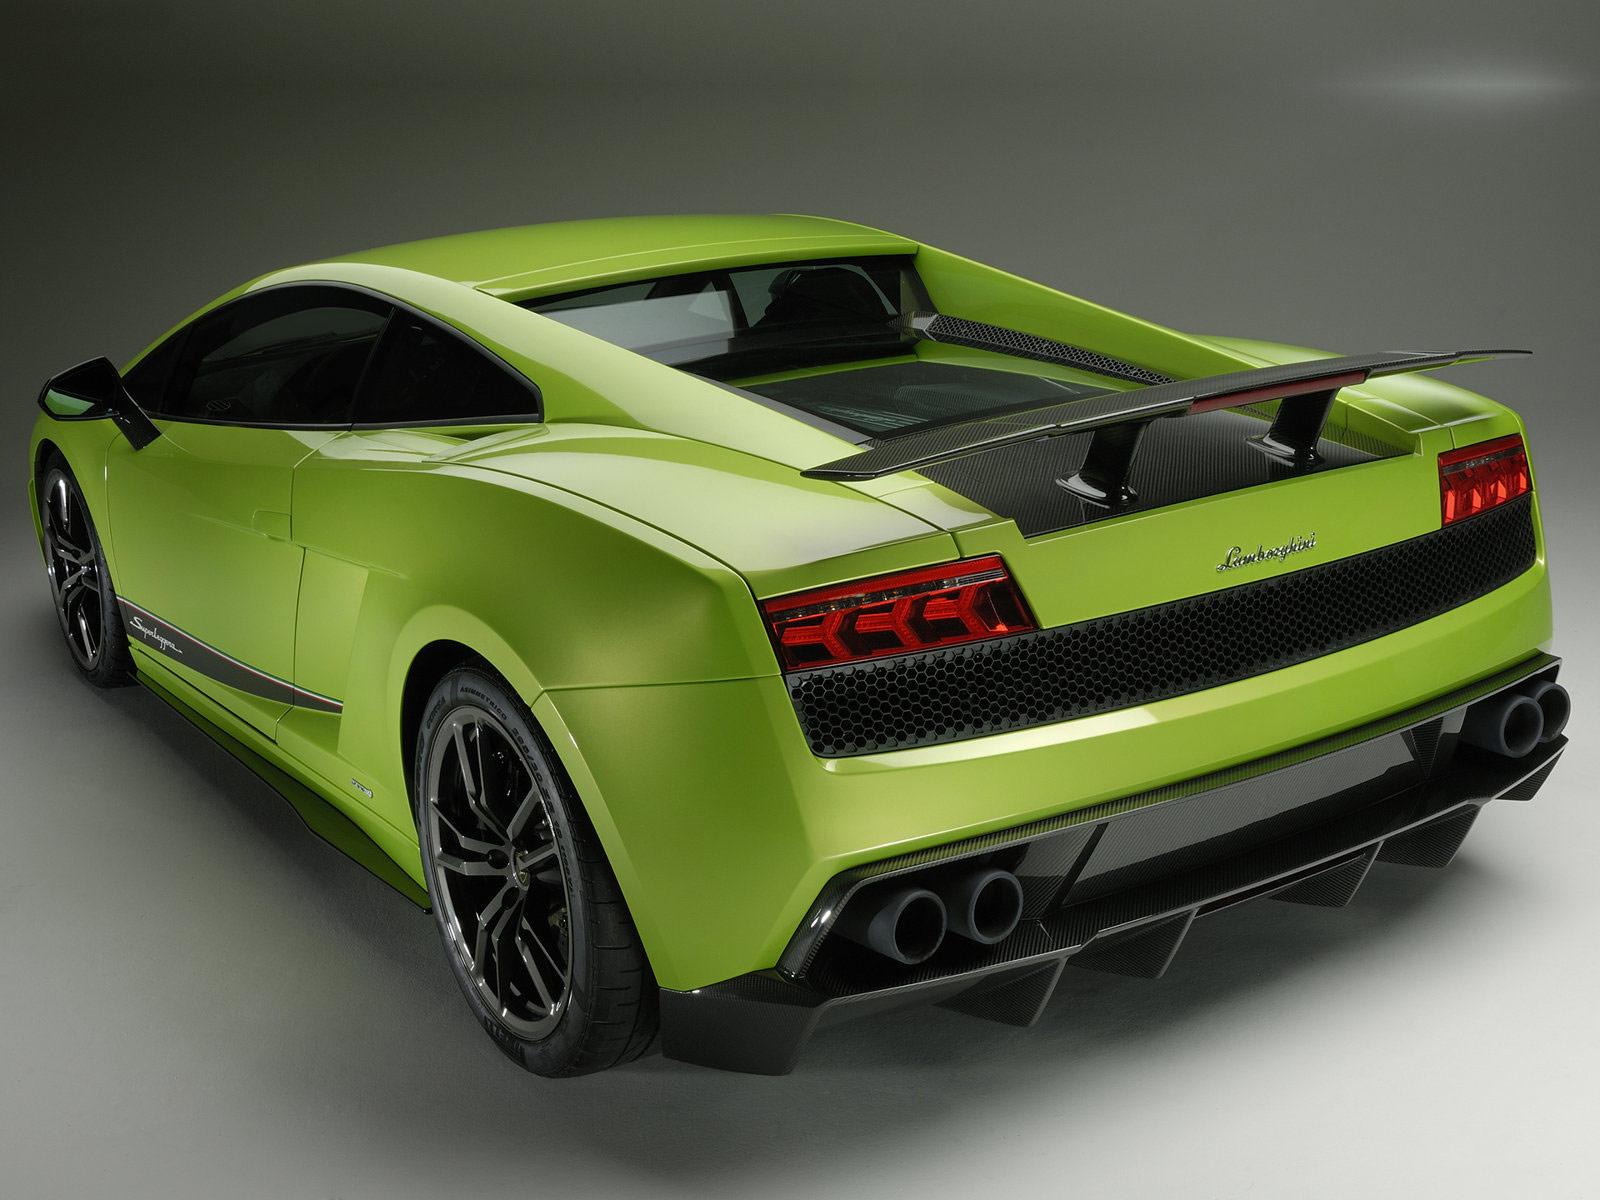 Car Insurance For Lamborghini Gallardo